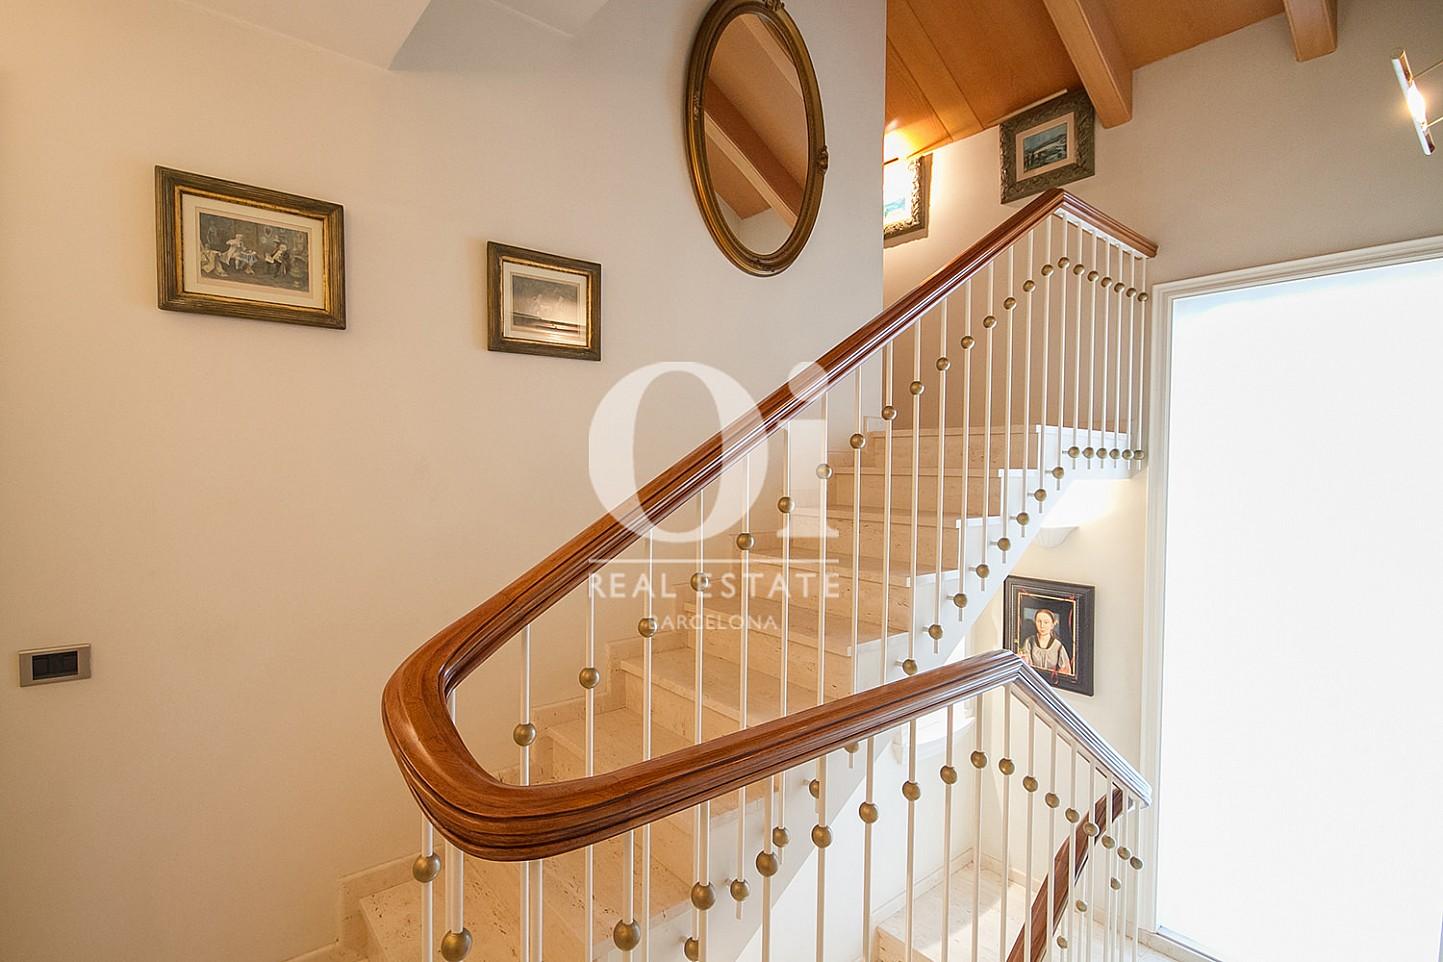 Escaliers dans une maison en vente à La Bonanova